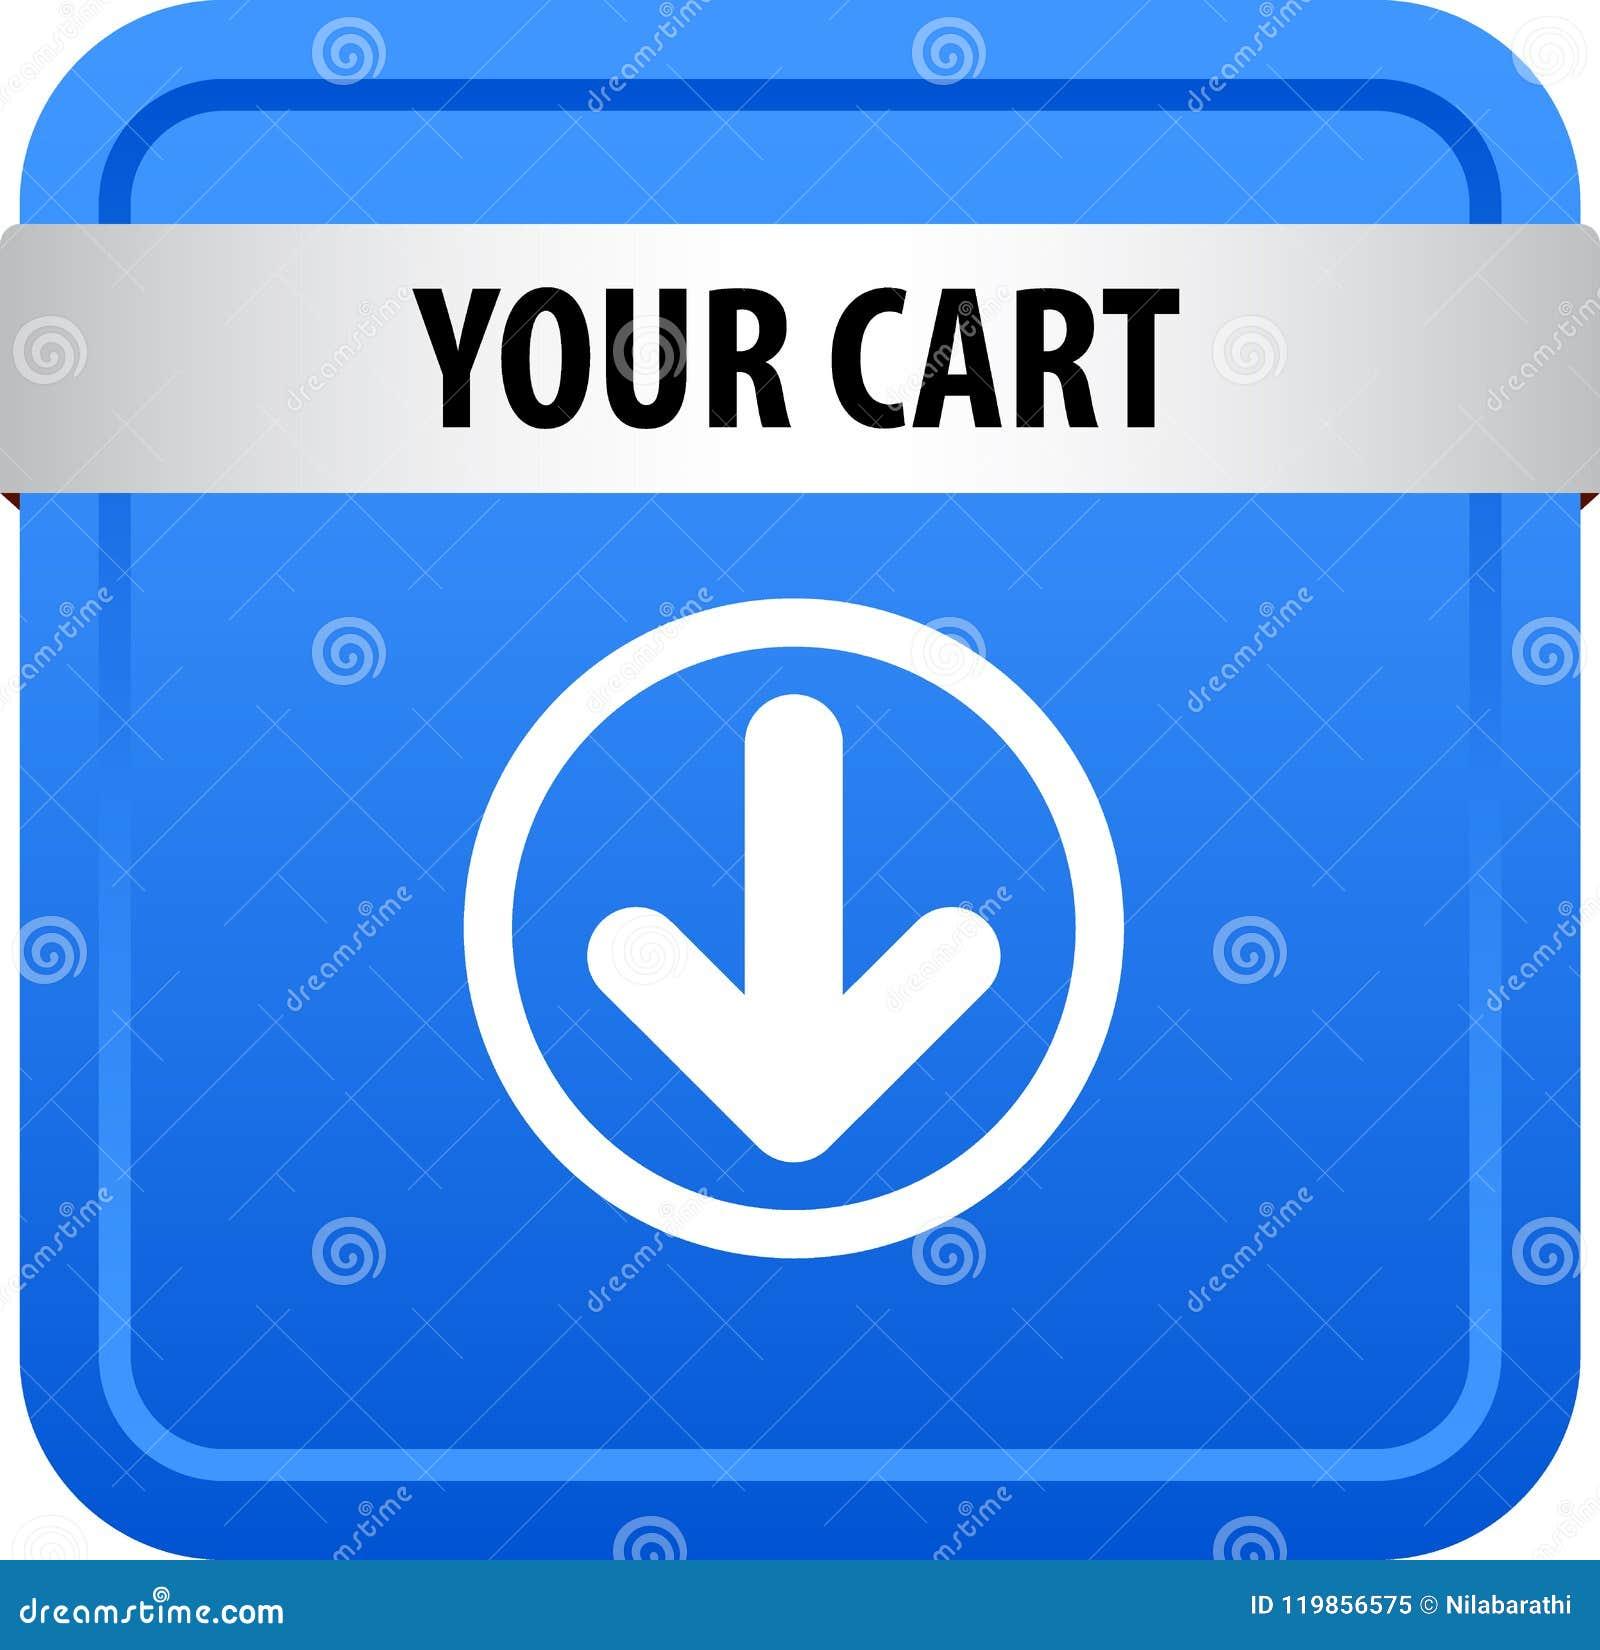 您的推车网按钮